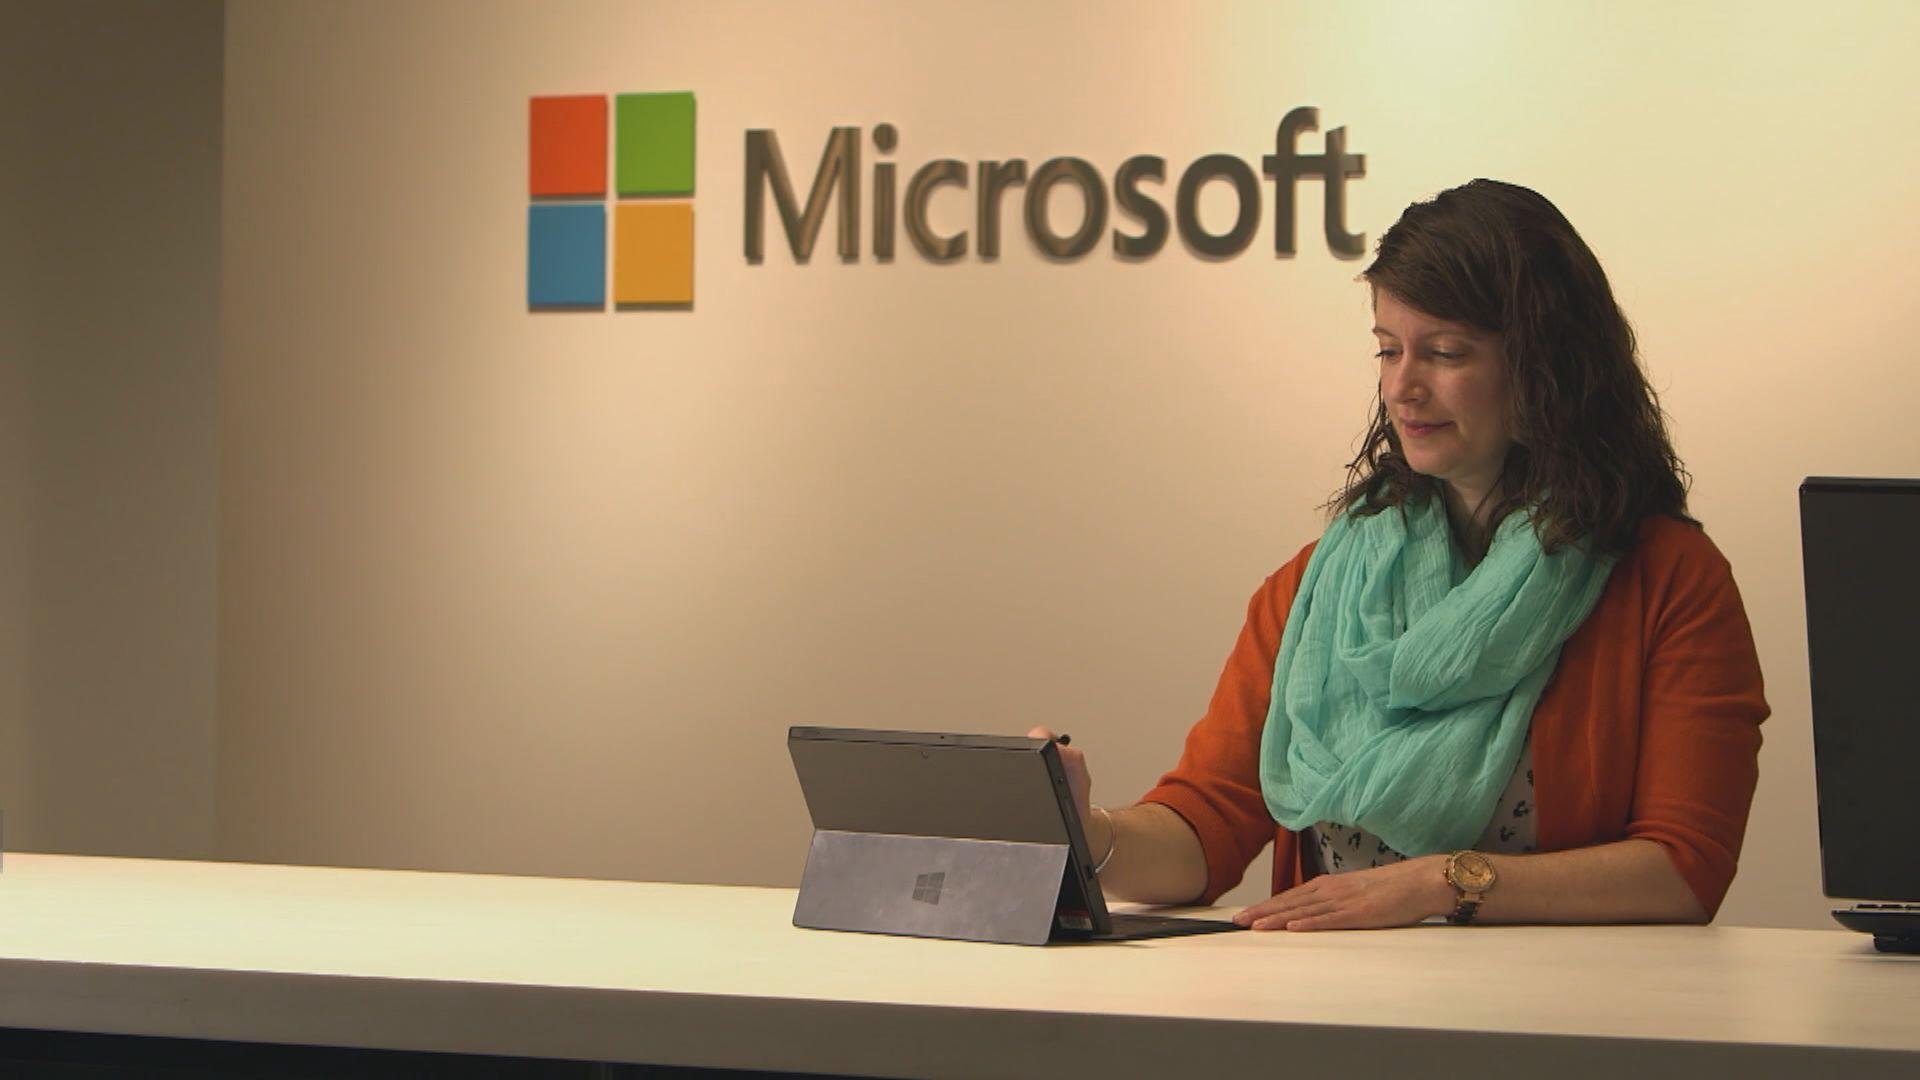 微軟捆綁銷售曾被美國政府起訴 總裁籲要有妥協勇氣